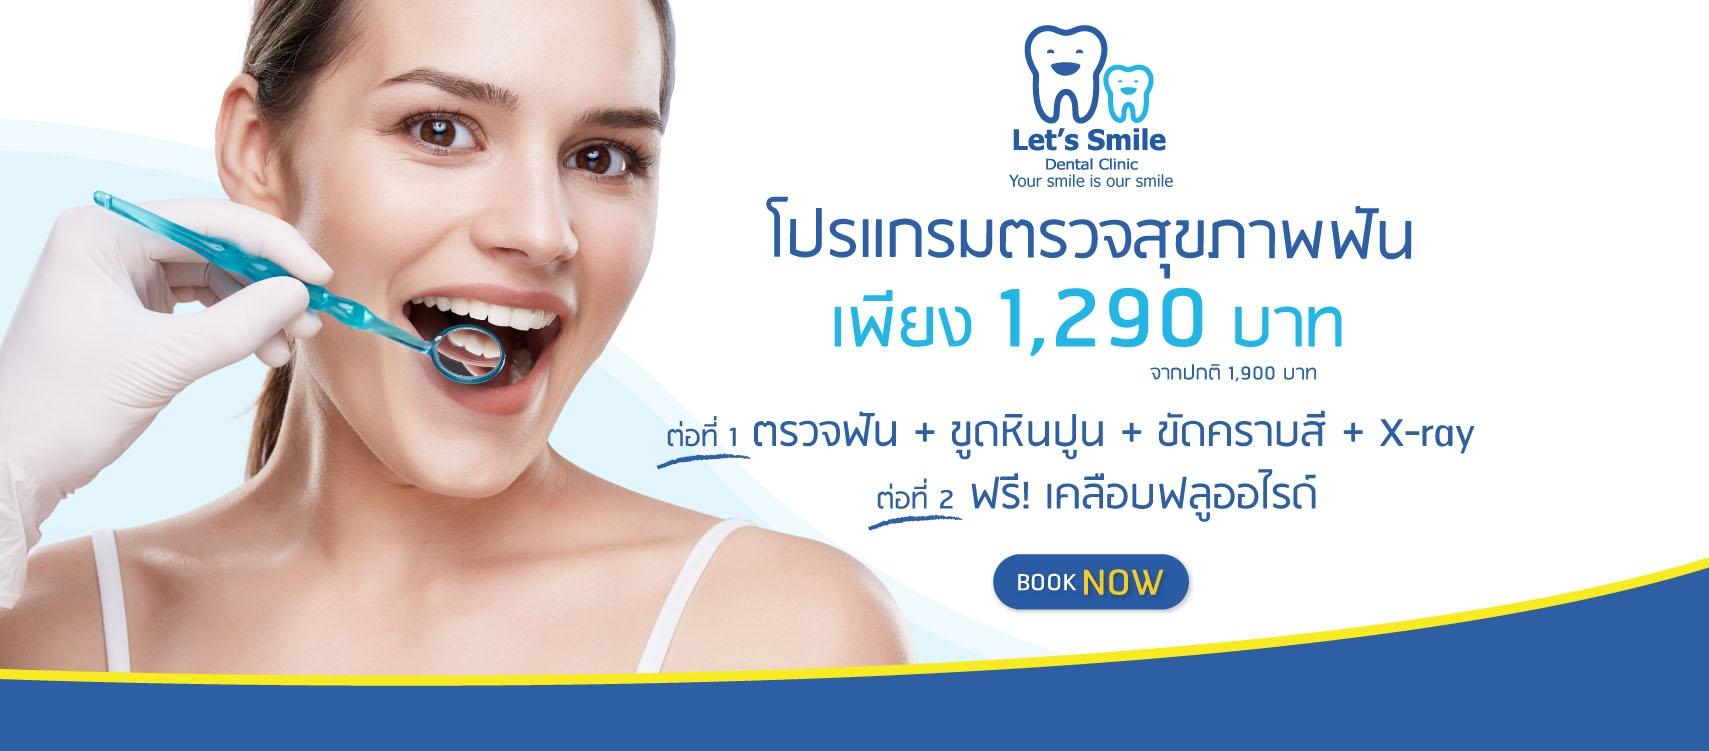 Let's Smile Dental Clinic | ทำฟัน จัดฟัน รากเทียม